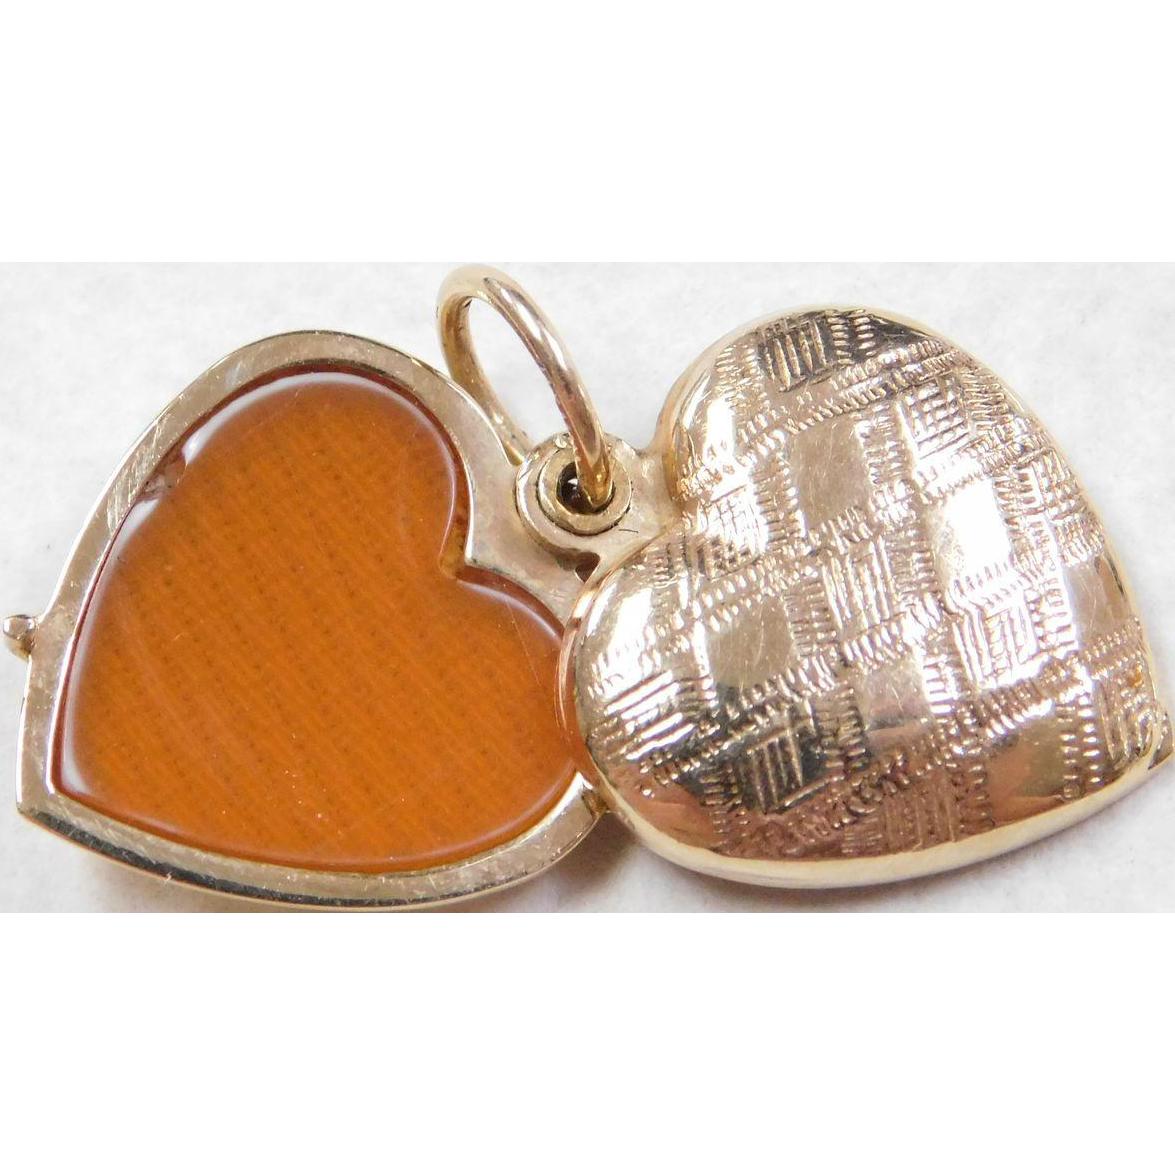 Vintage 14k Gold Etched Heart Locket Pendant Slide Open